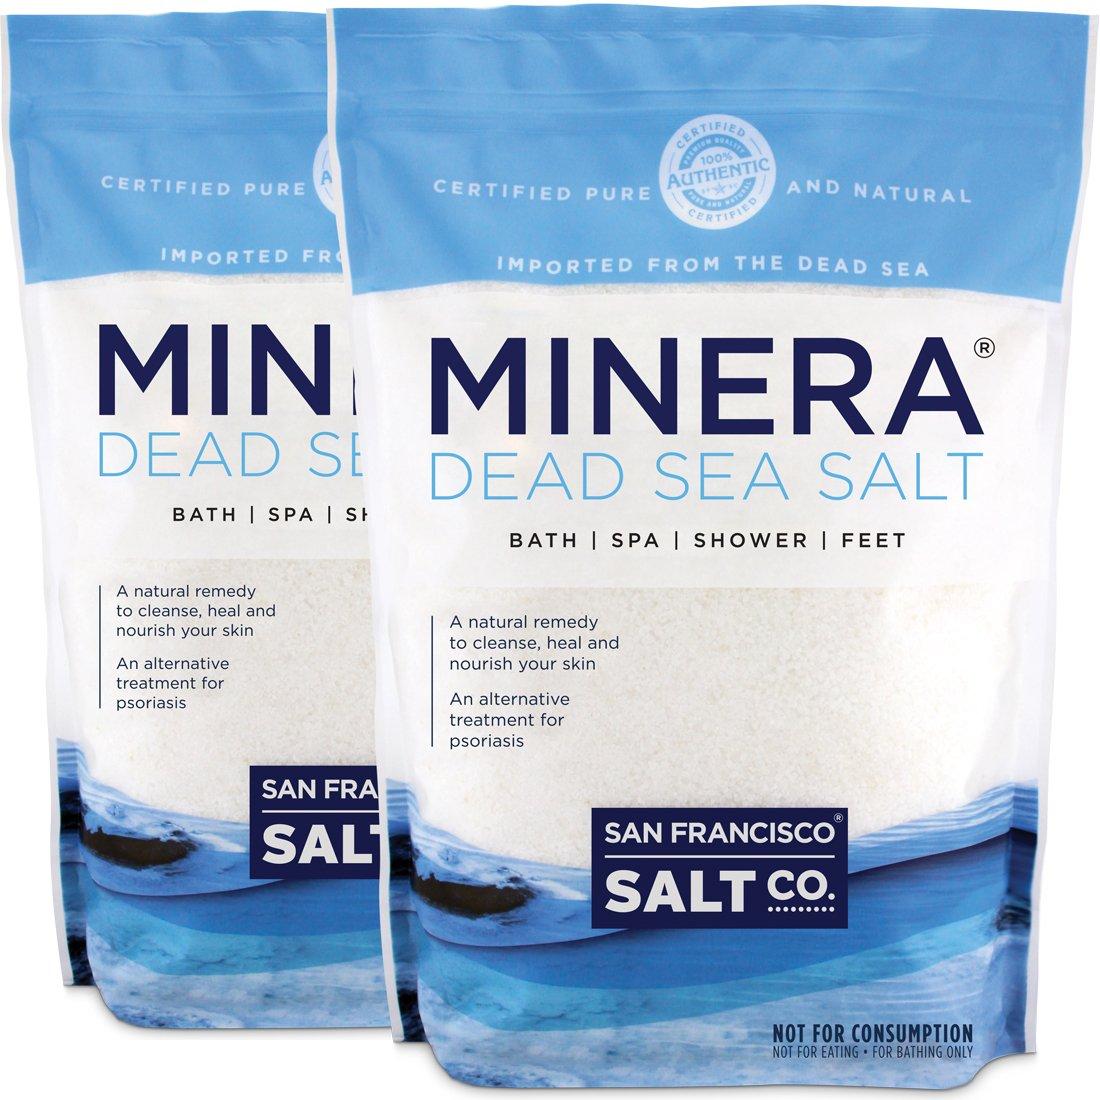 Minera Fine Grain Pure Dead Sea Salt, 10 lb (2 Pack - Each of 5 lb Bag) San Francisco Salt Company